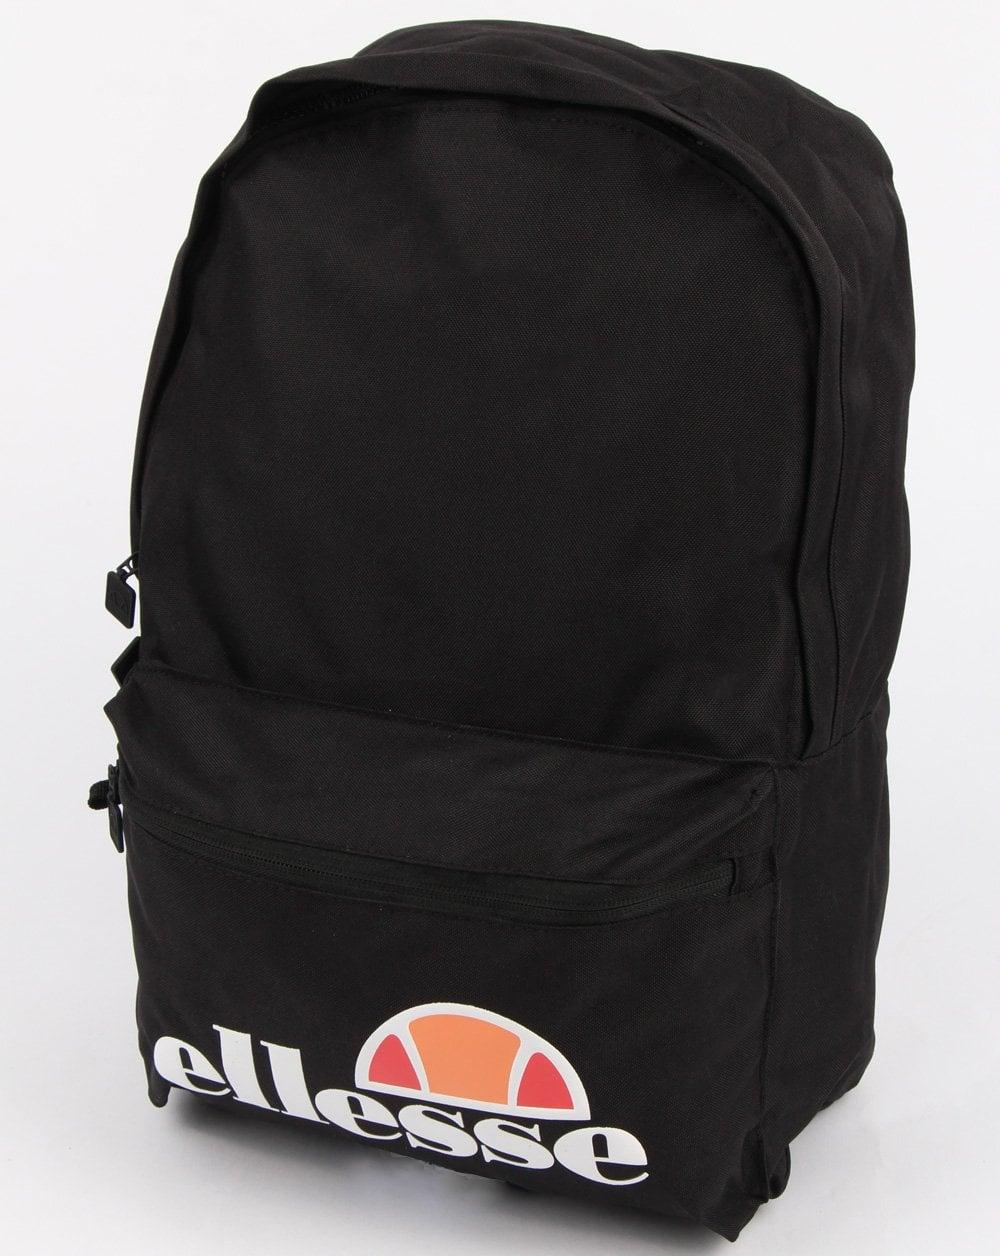 077b7ac56e Ellesse Ellesse Rolby Backpack   Pencil Case Black